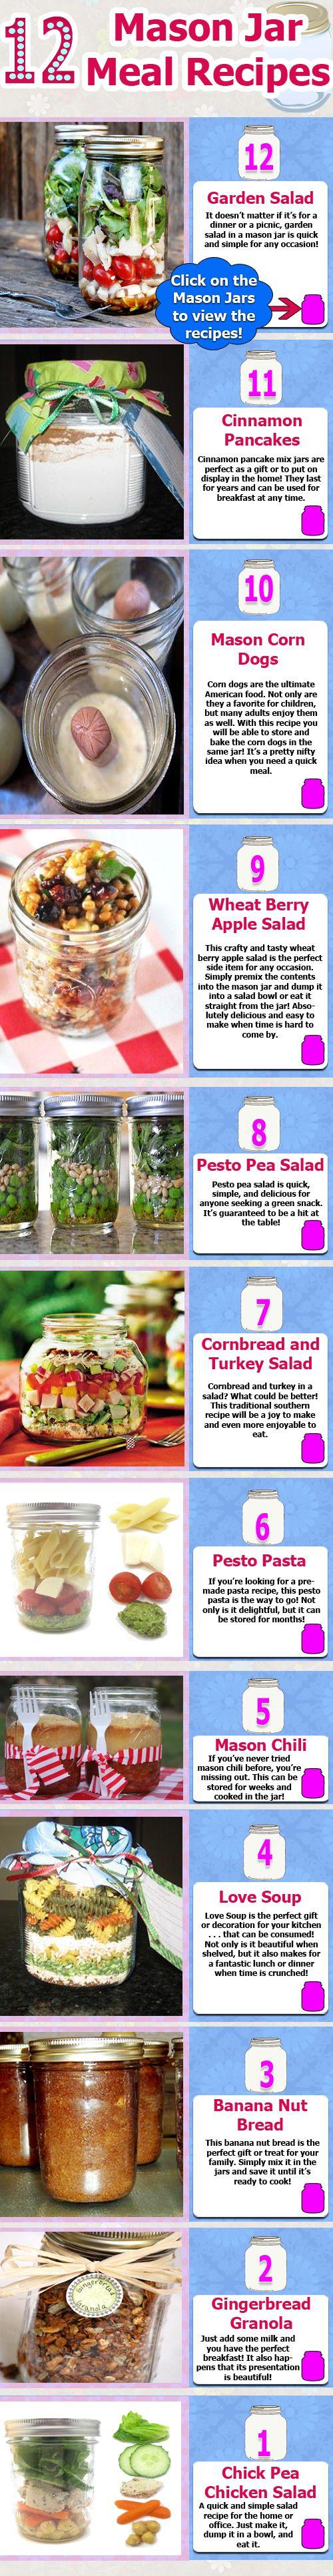 Mason Jar 12 Meal Recipes